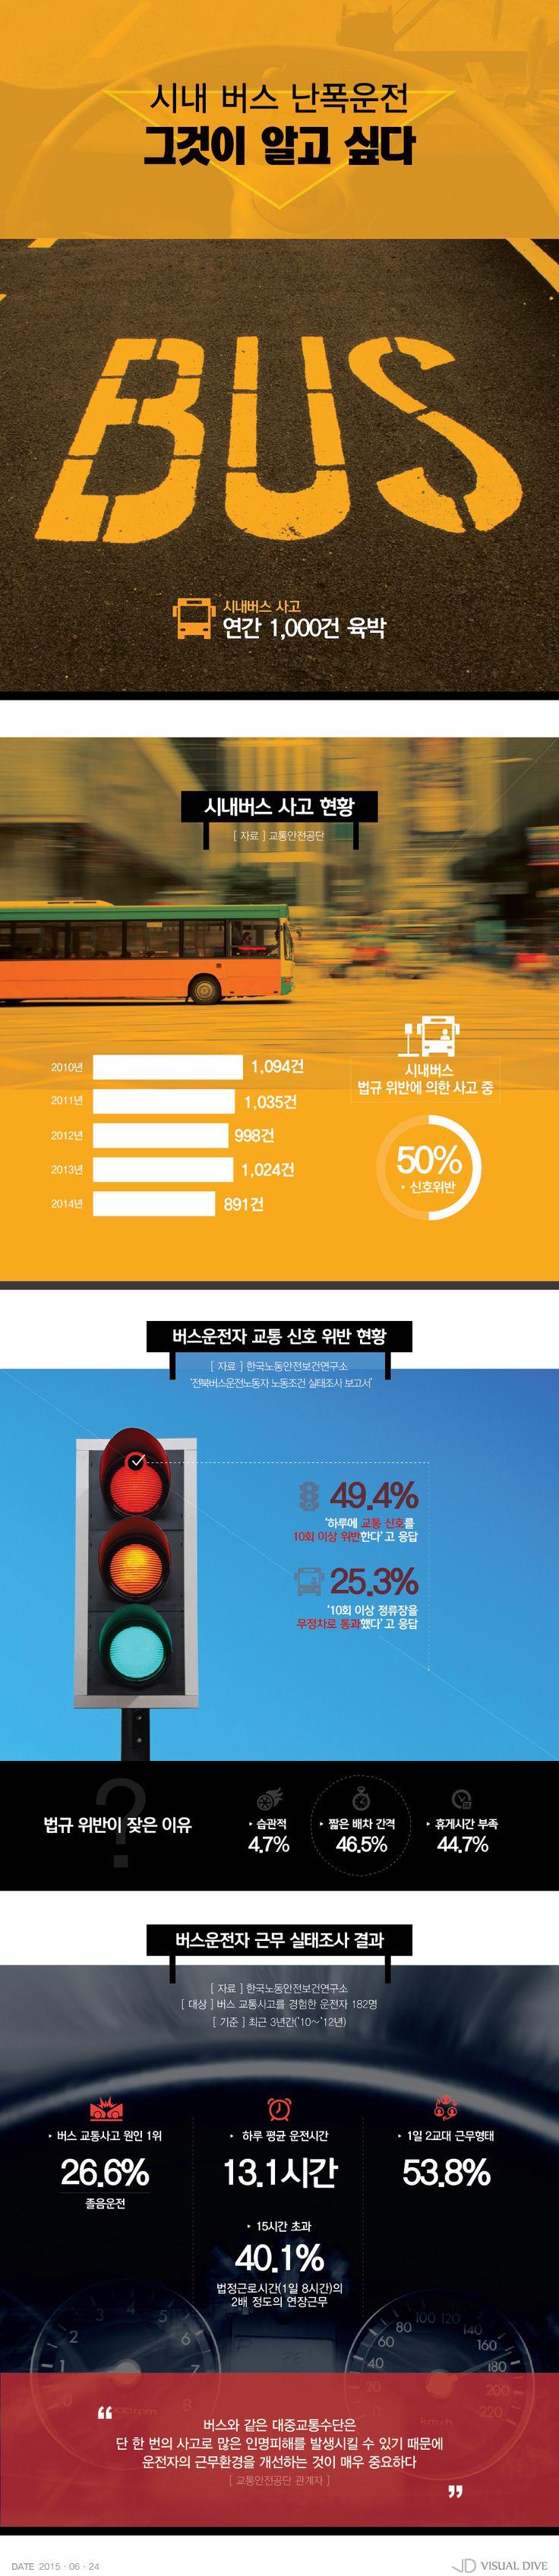 '버스 난폭운전'…운전기사의 속사정 [인포그래픽] #BusDriver / #Infographic ⓒ 비주얼다이브 무단 복사·전재·재배포 금지